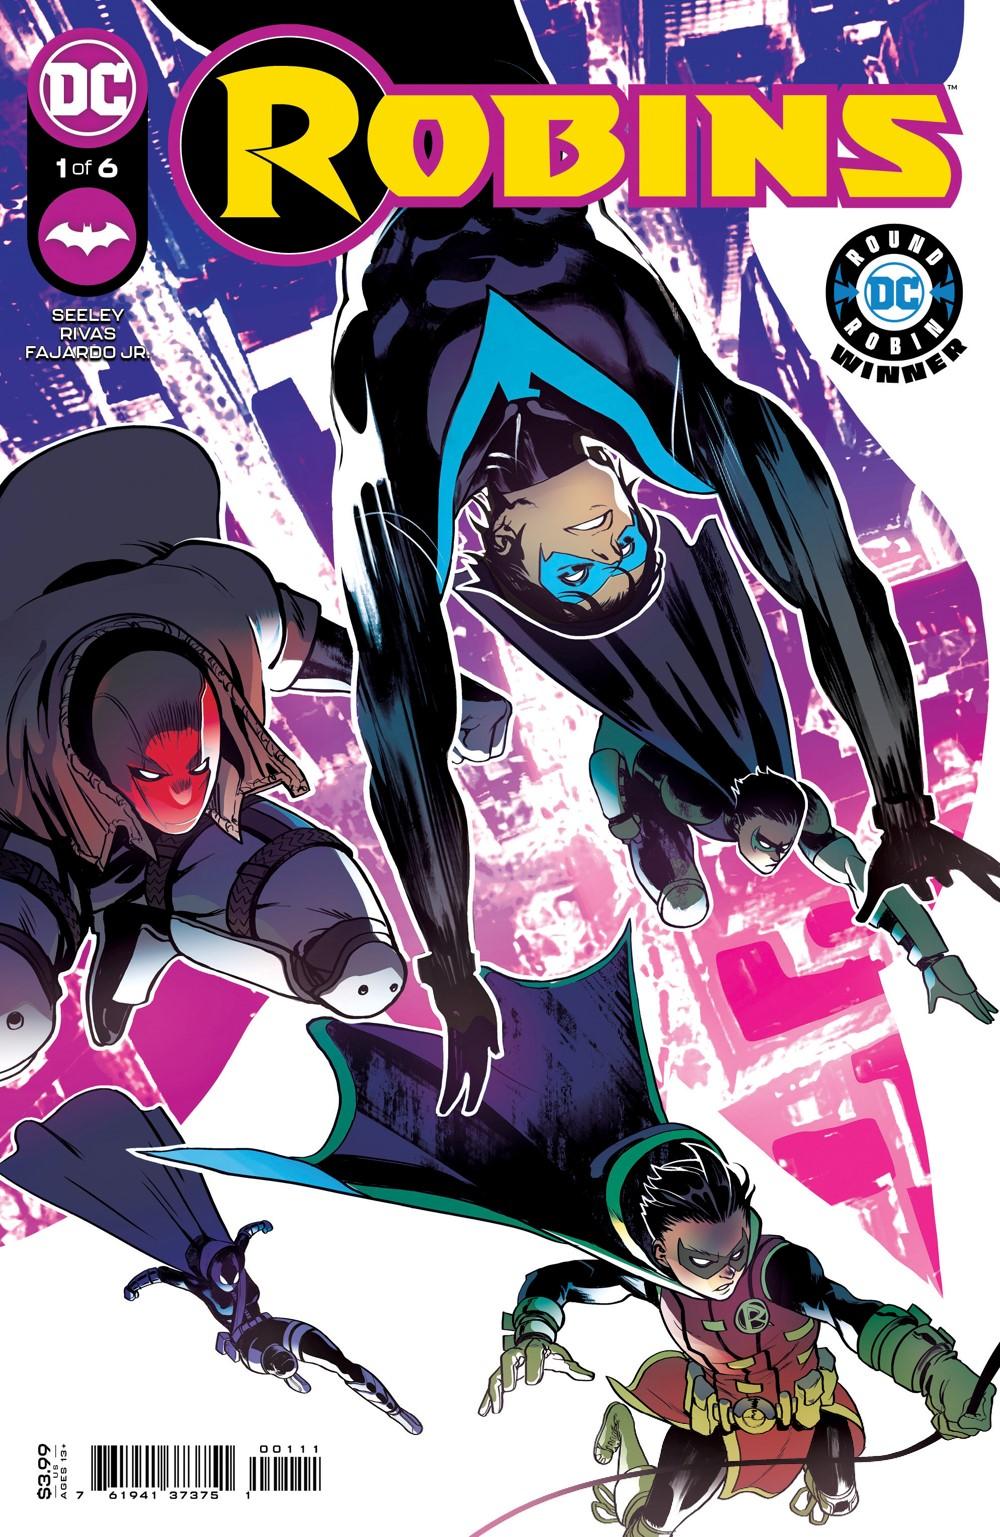 ROBINS_Cv1 DC Comics November 2021 Solicitations